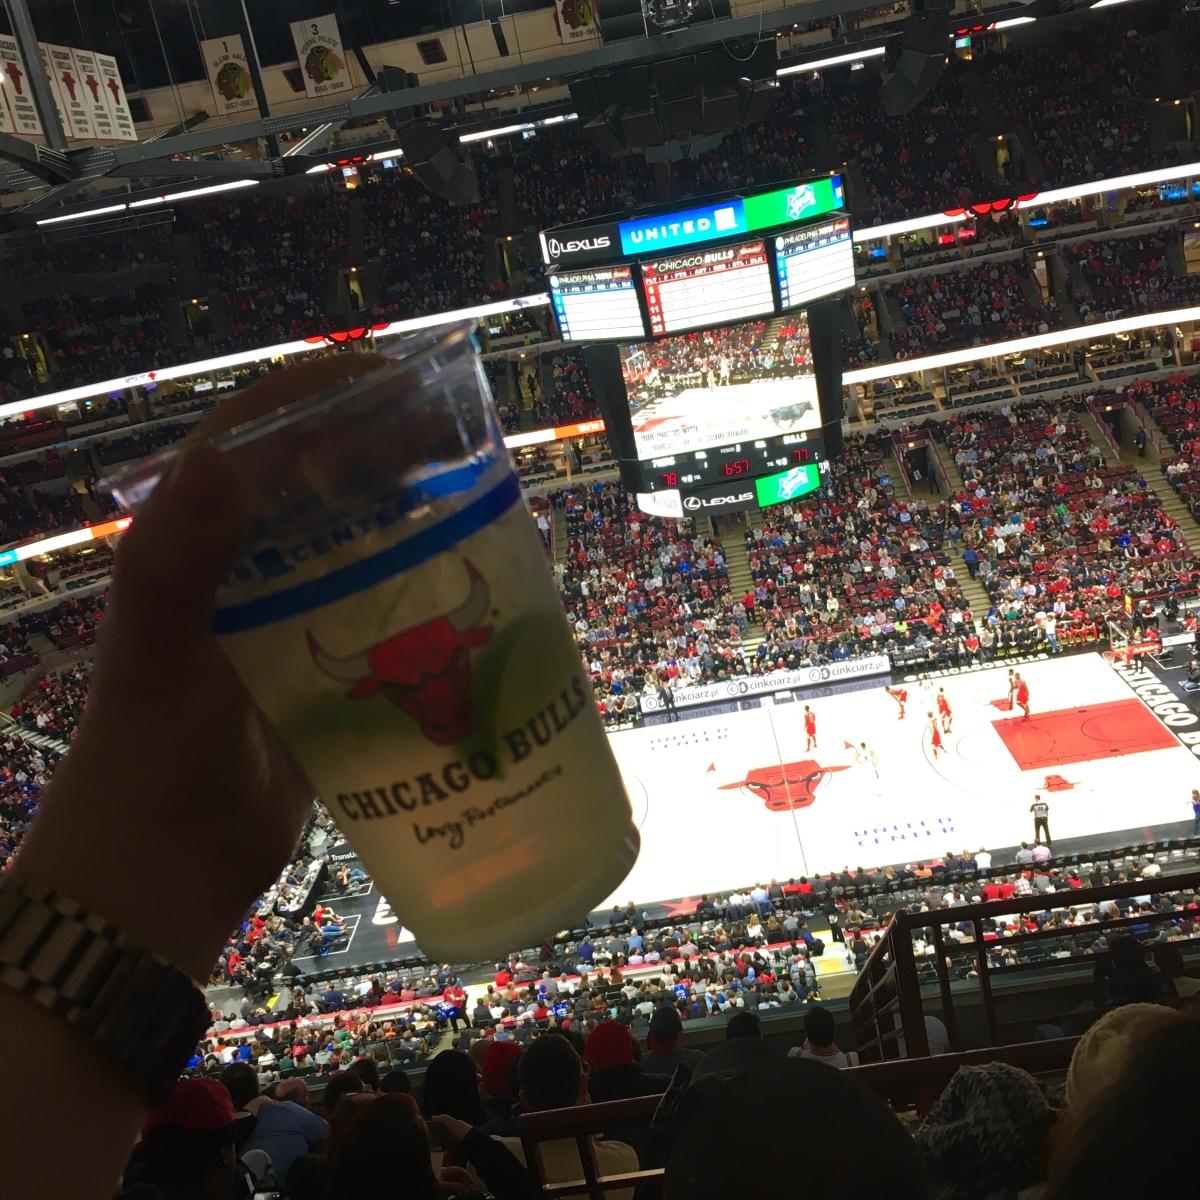 Margaritas at the Bulls